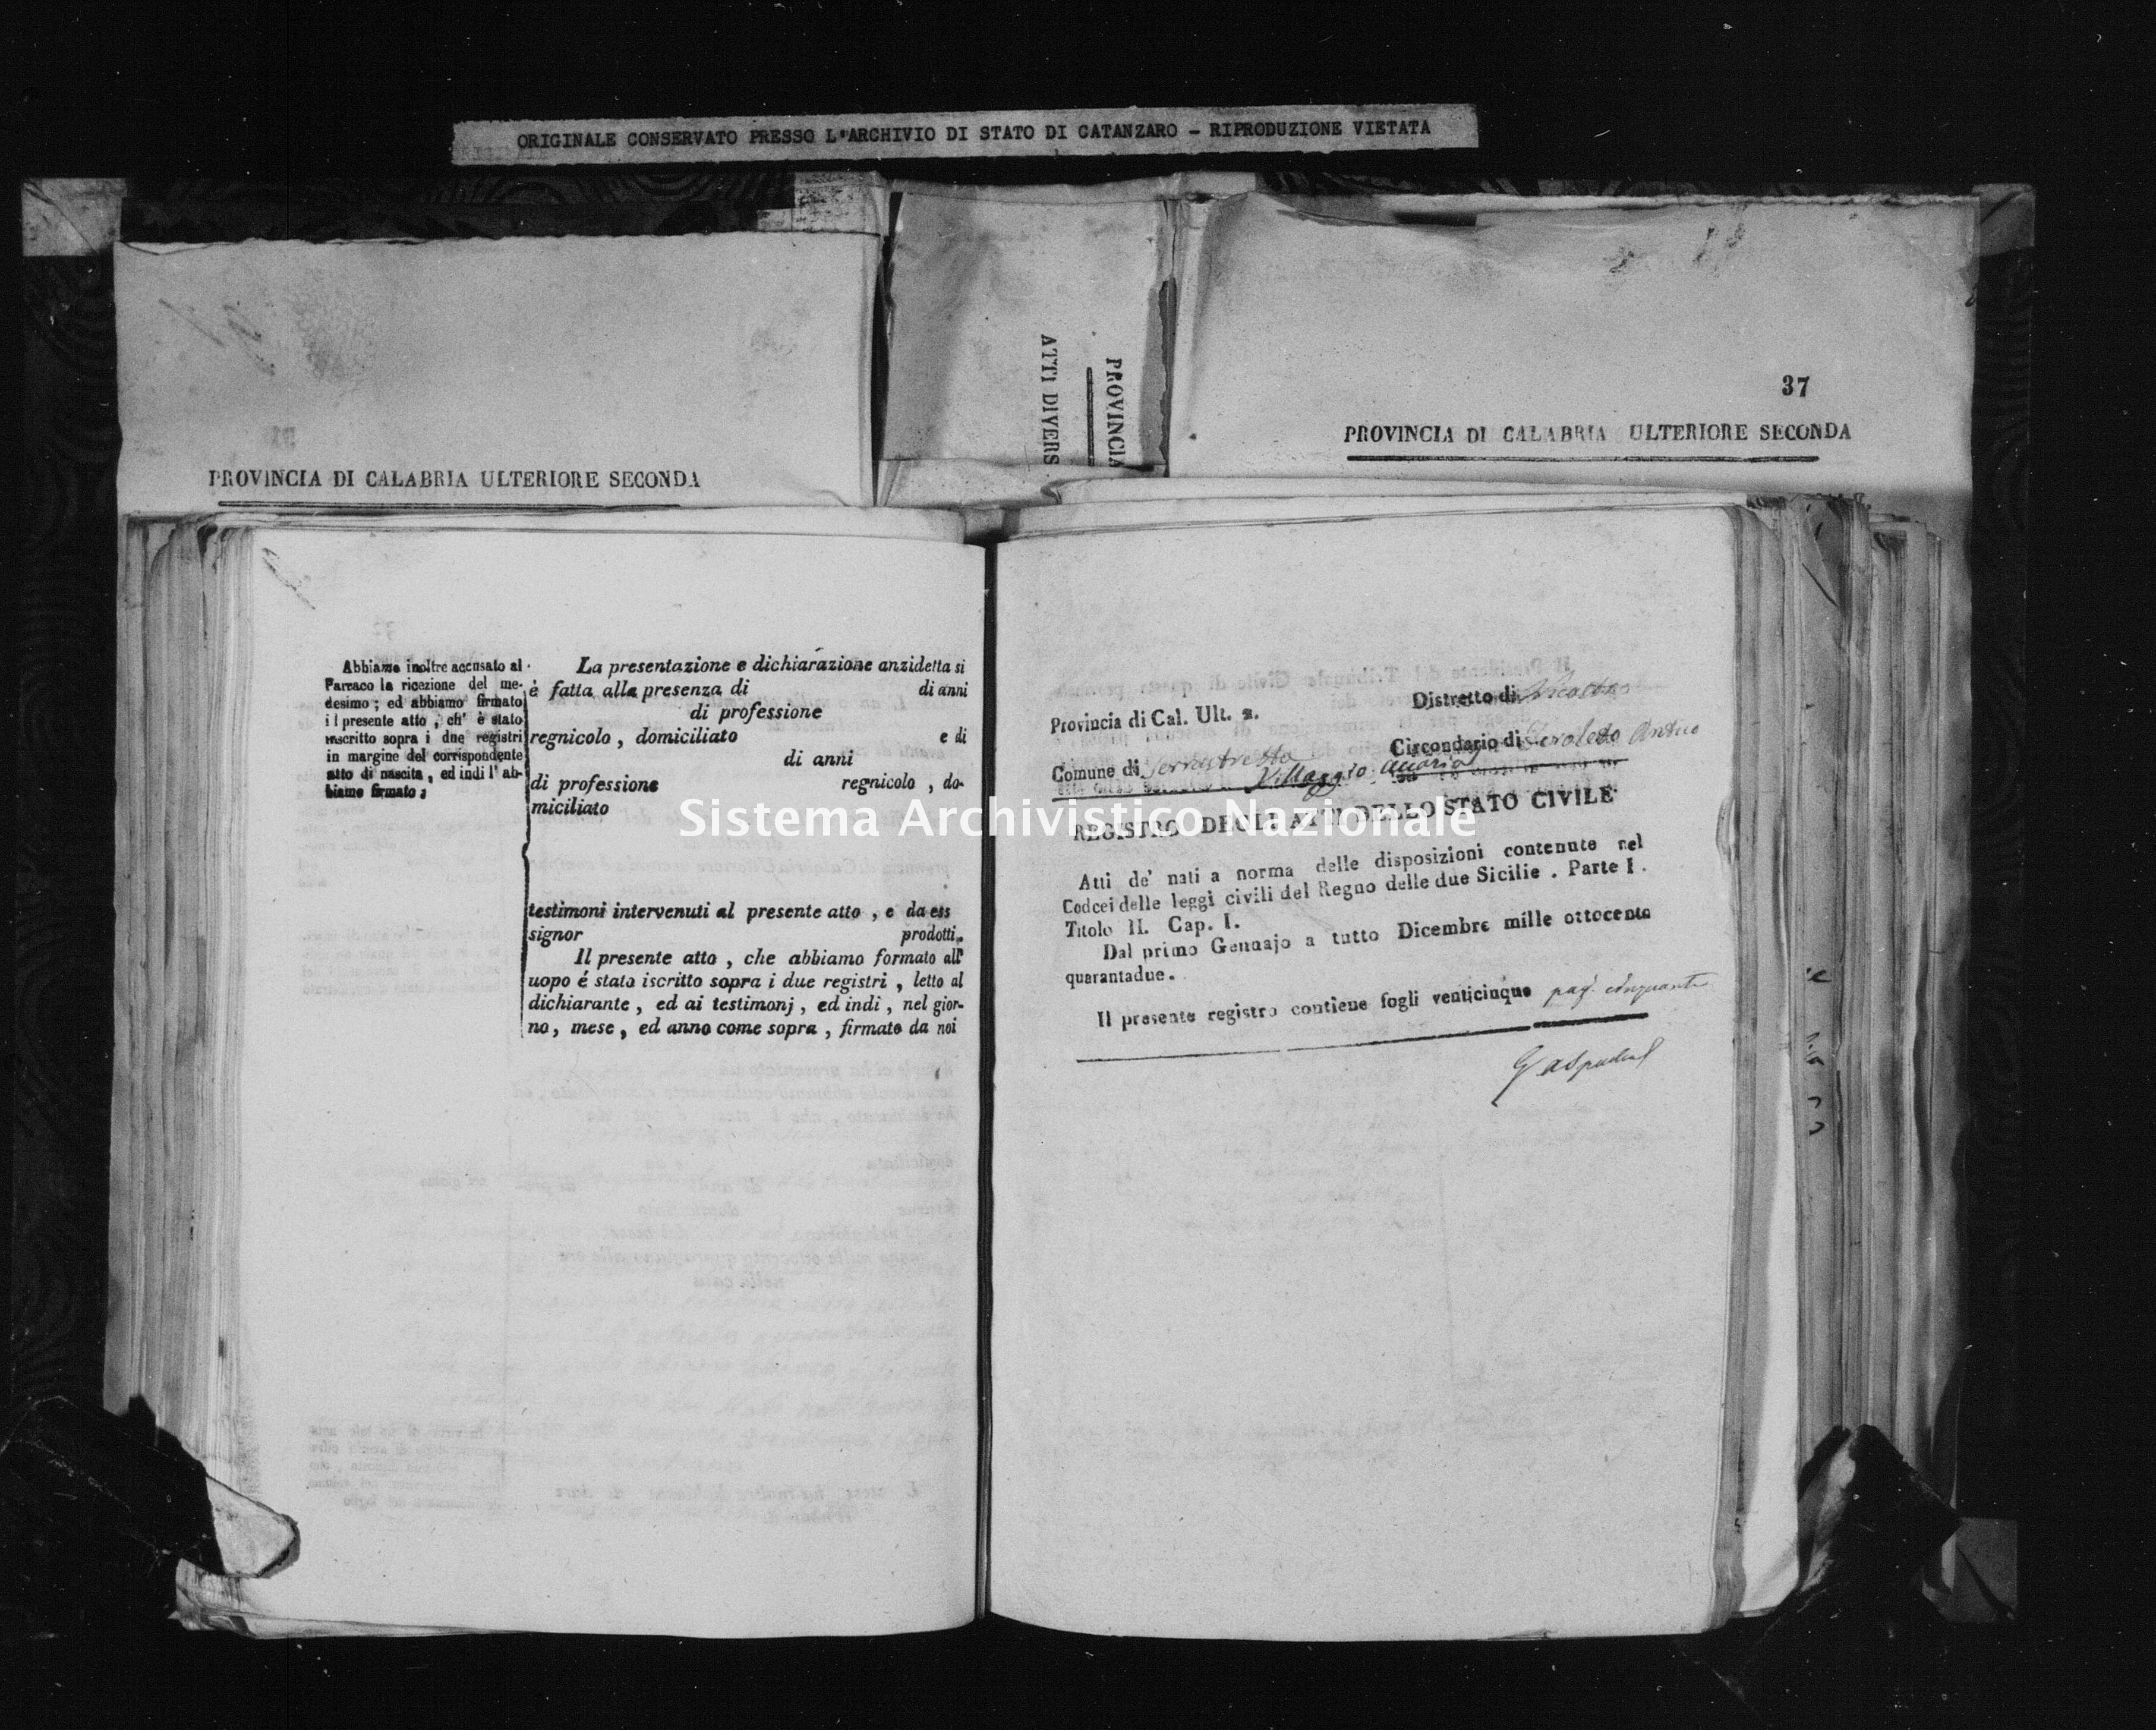 Archivio di stato di Catanzaro - Stato civile della restaurazione - Accaria - Nati - 1842 -